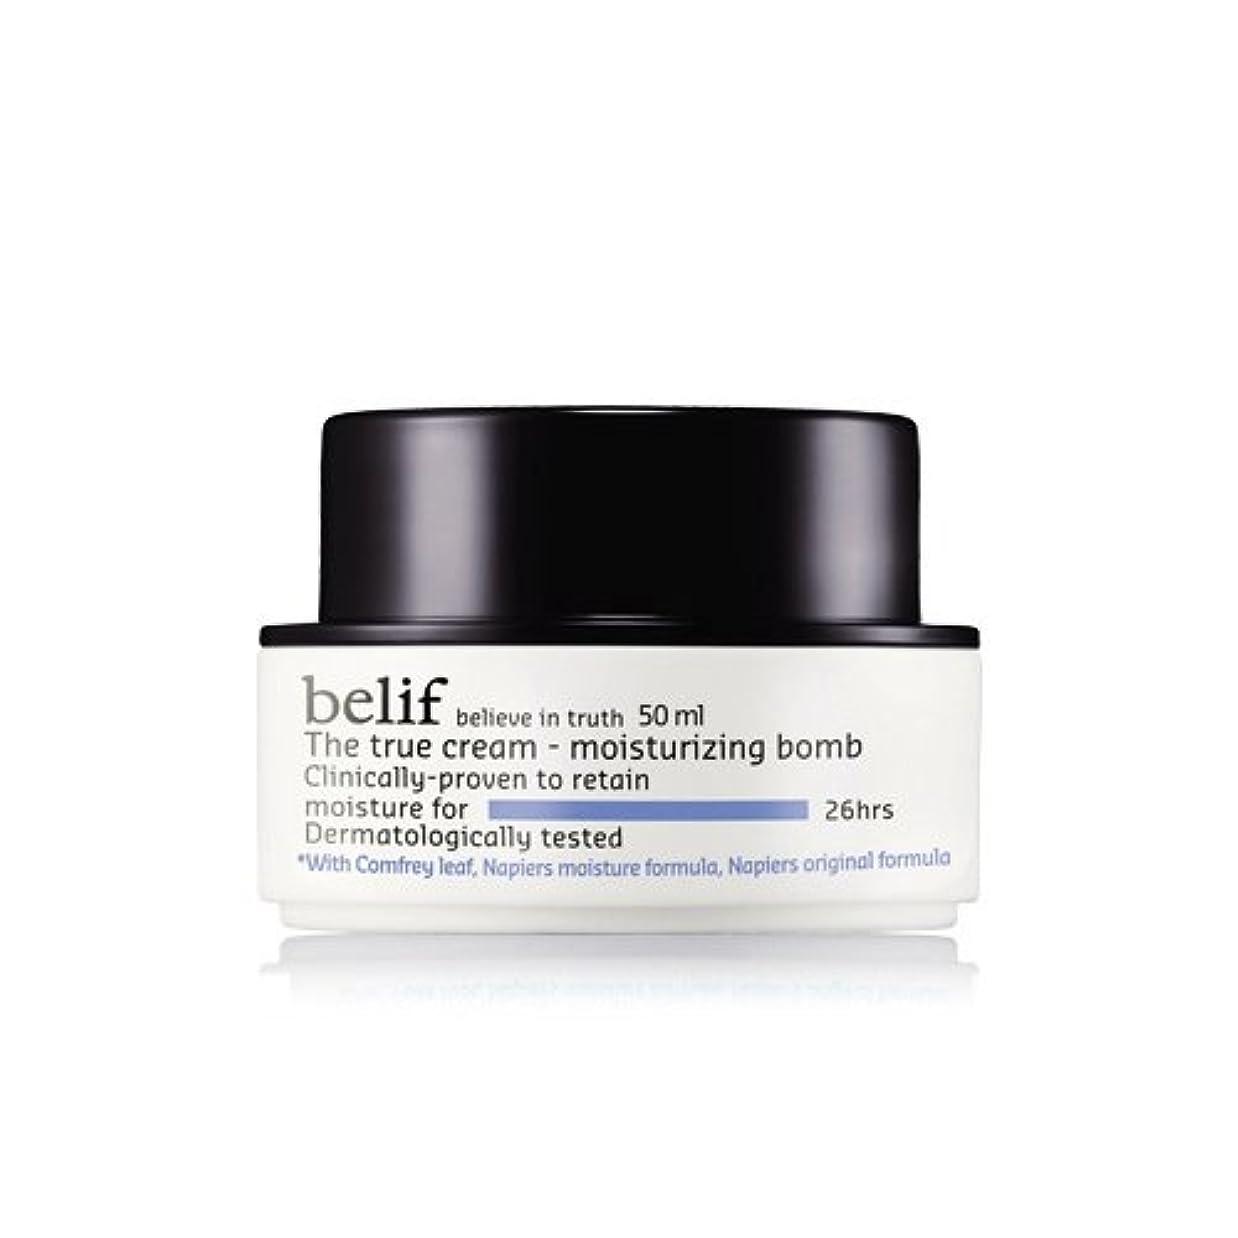 フォルダ陸軍ダーリン『belif The true cream-moisturizing bomb 50ml』 ビリーフ 水分爆弾クリーム50ml 【福袋】